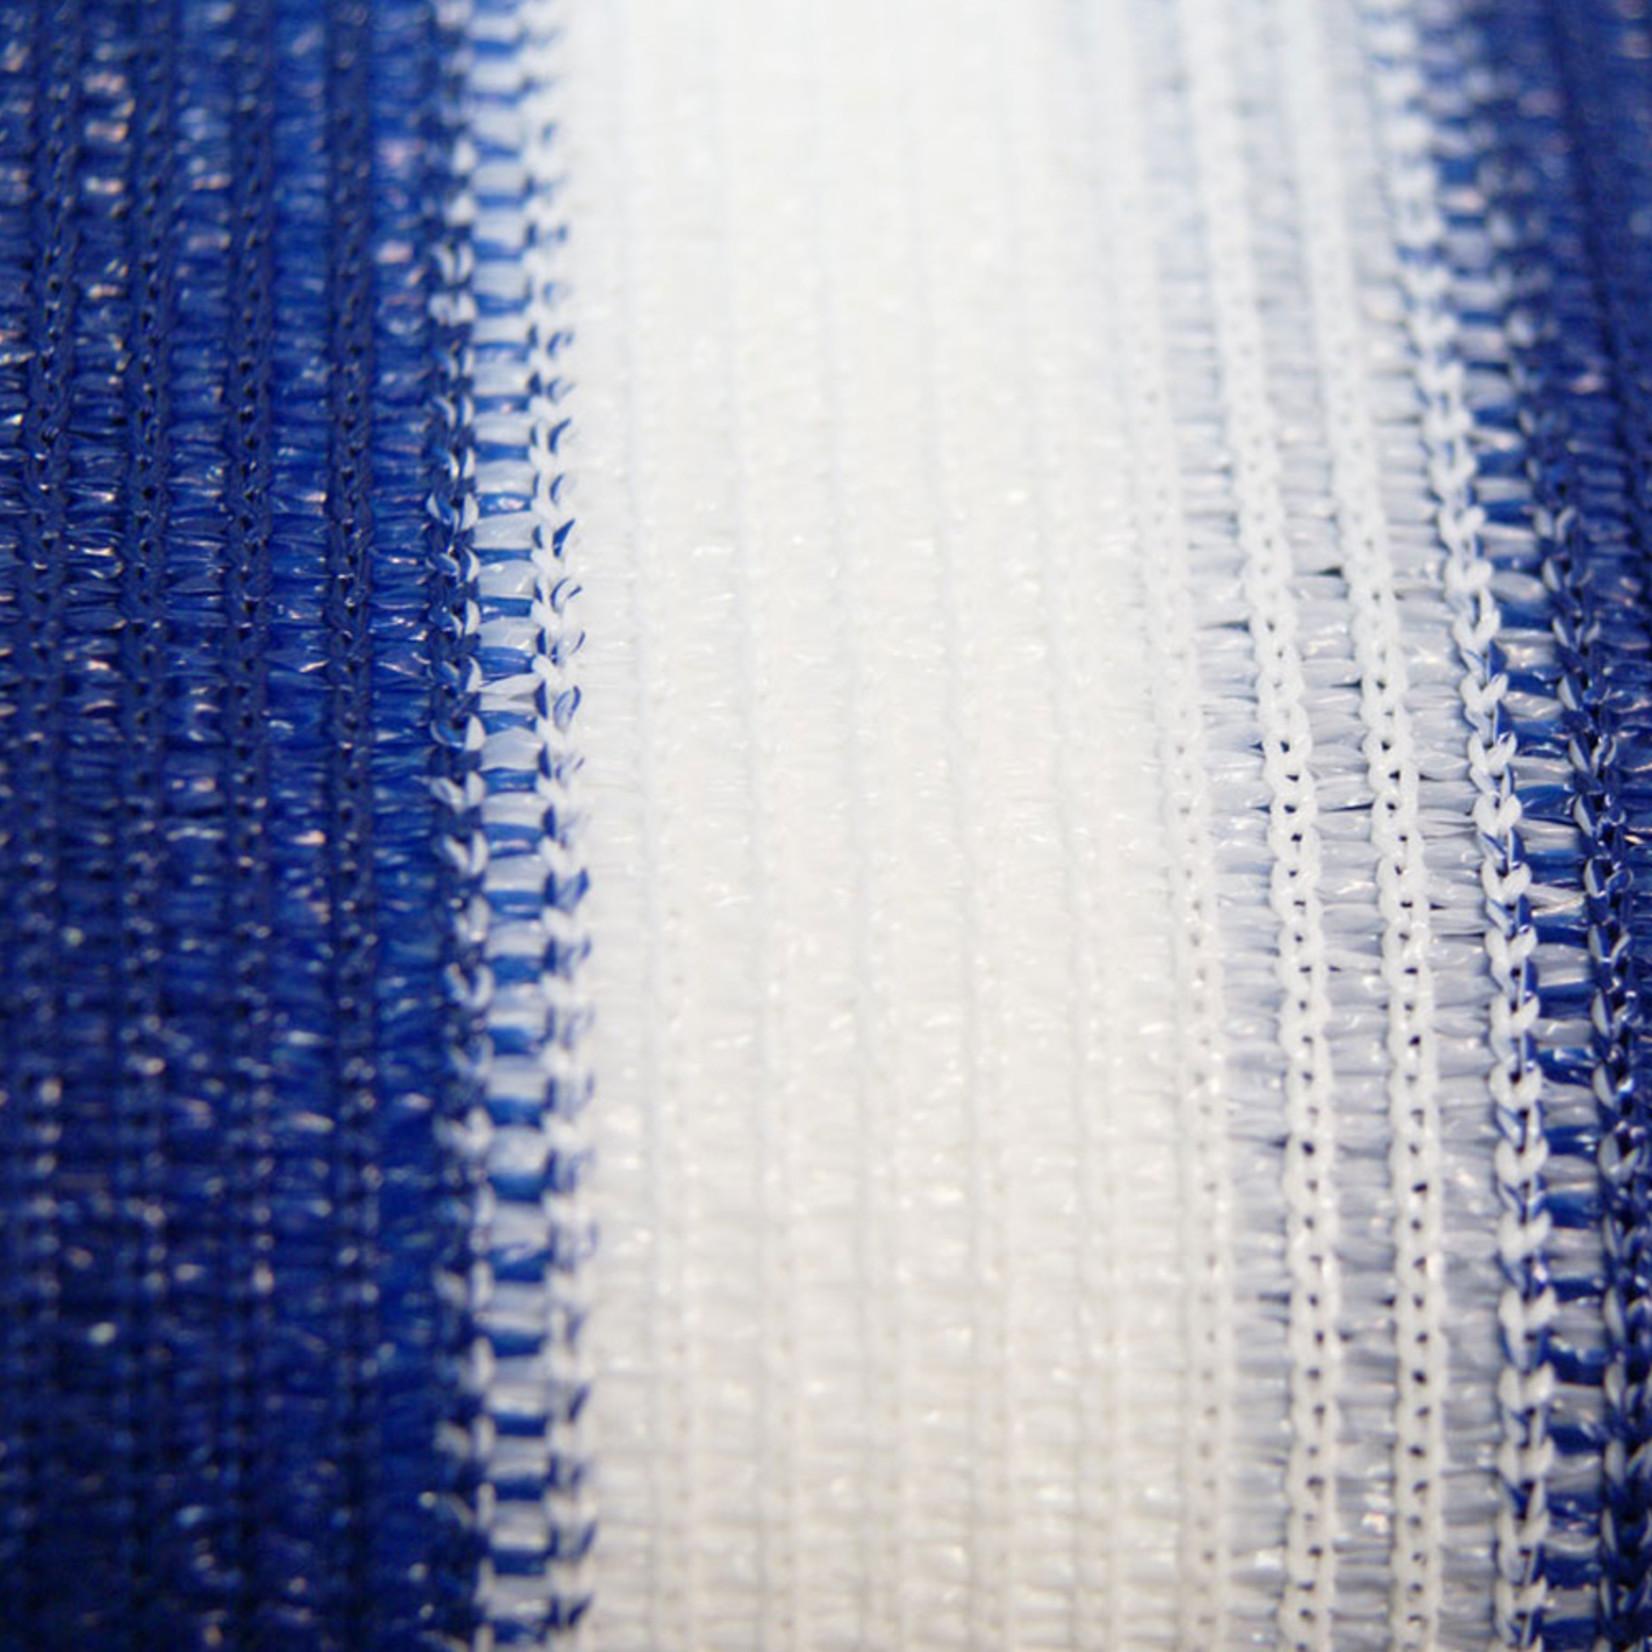 Balkondoek 0,9 x 5 mtr blauw/wit